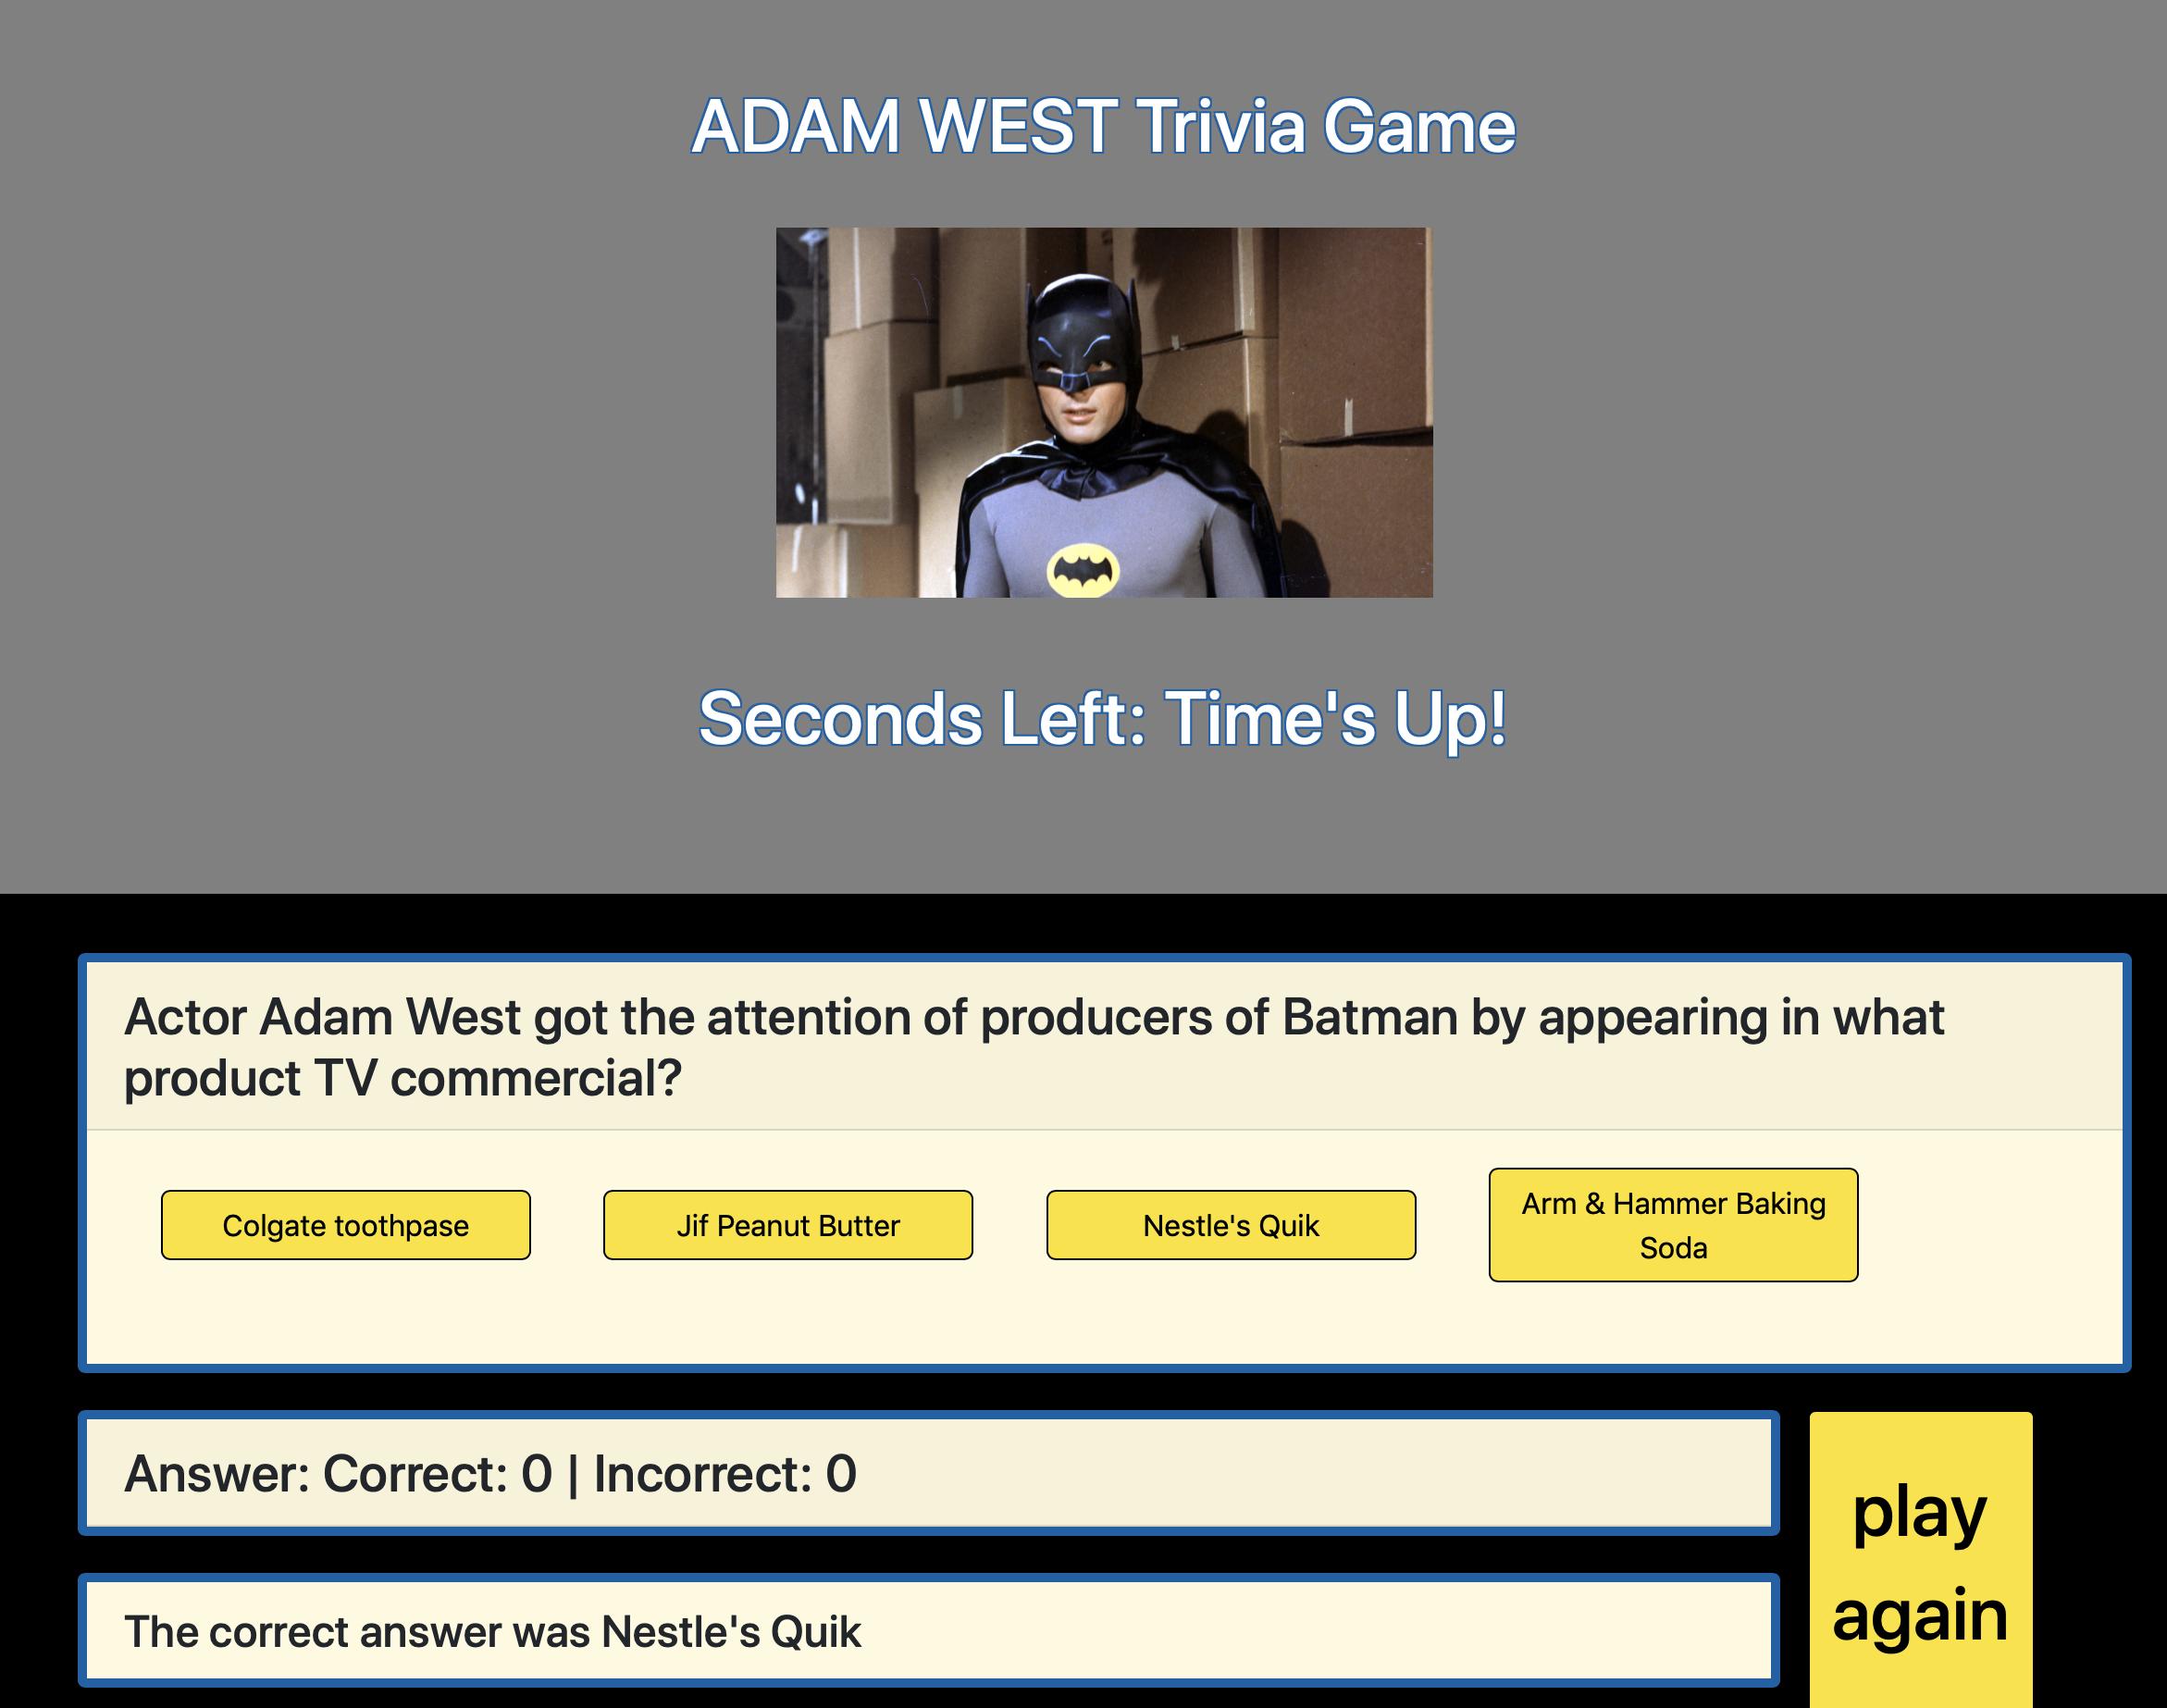 Adam West Trivia Game